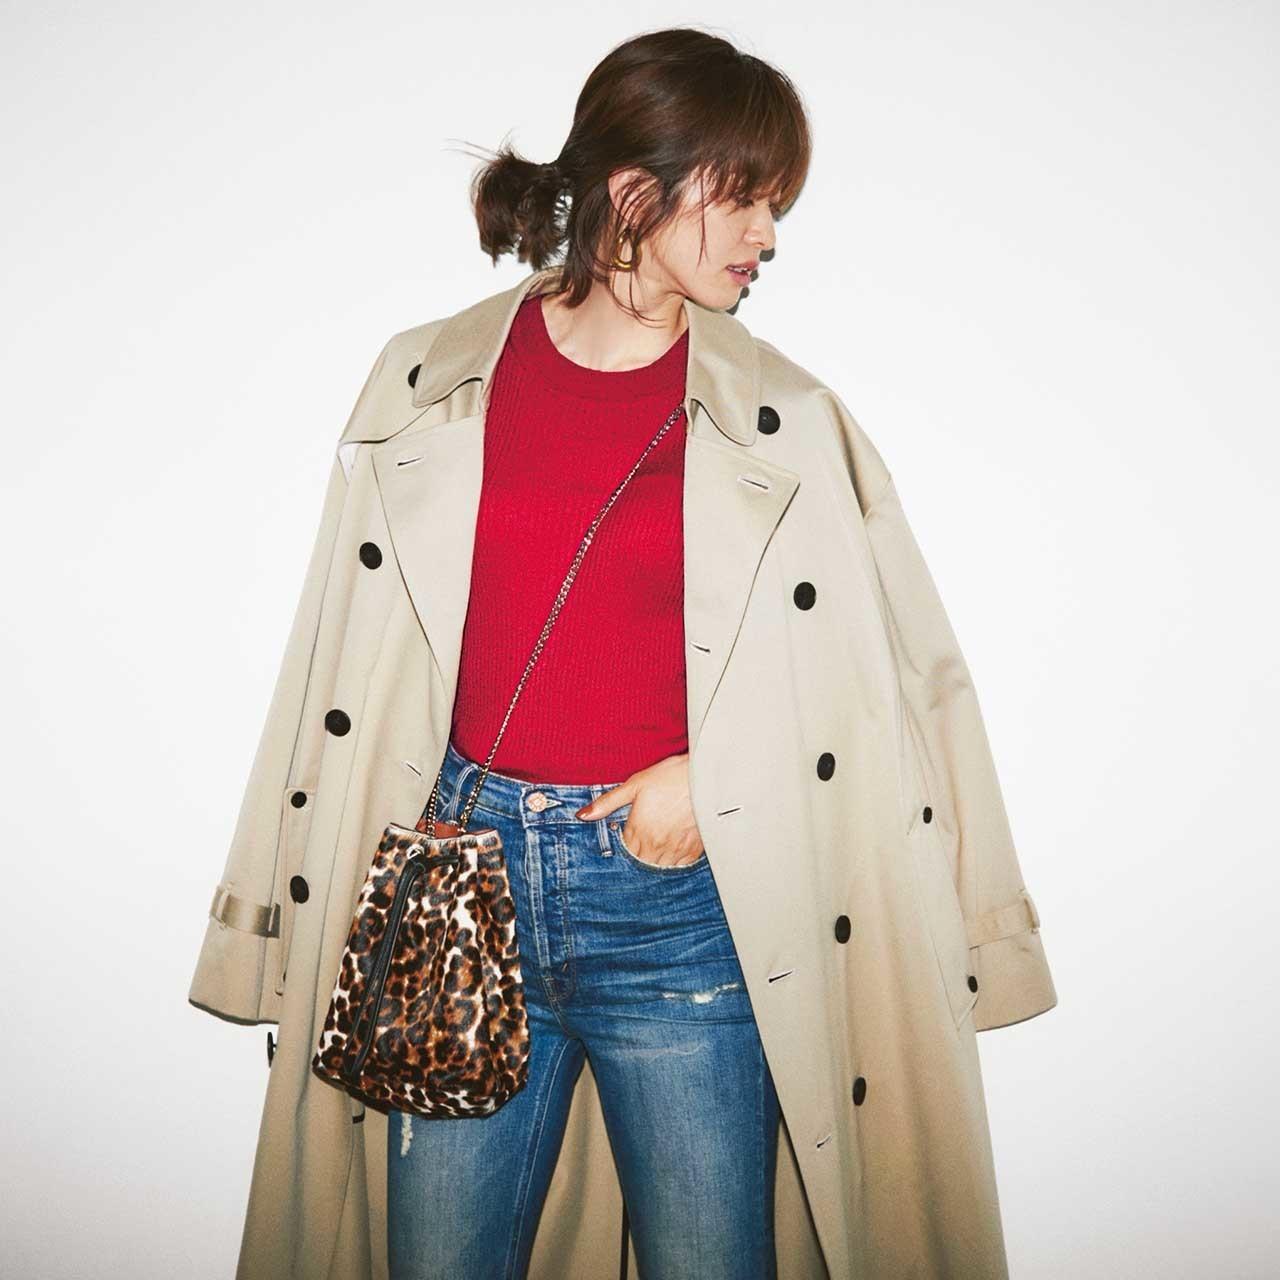 トレンチコート×赤ニットのファッションコーデ